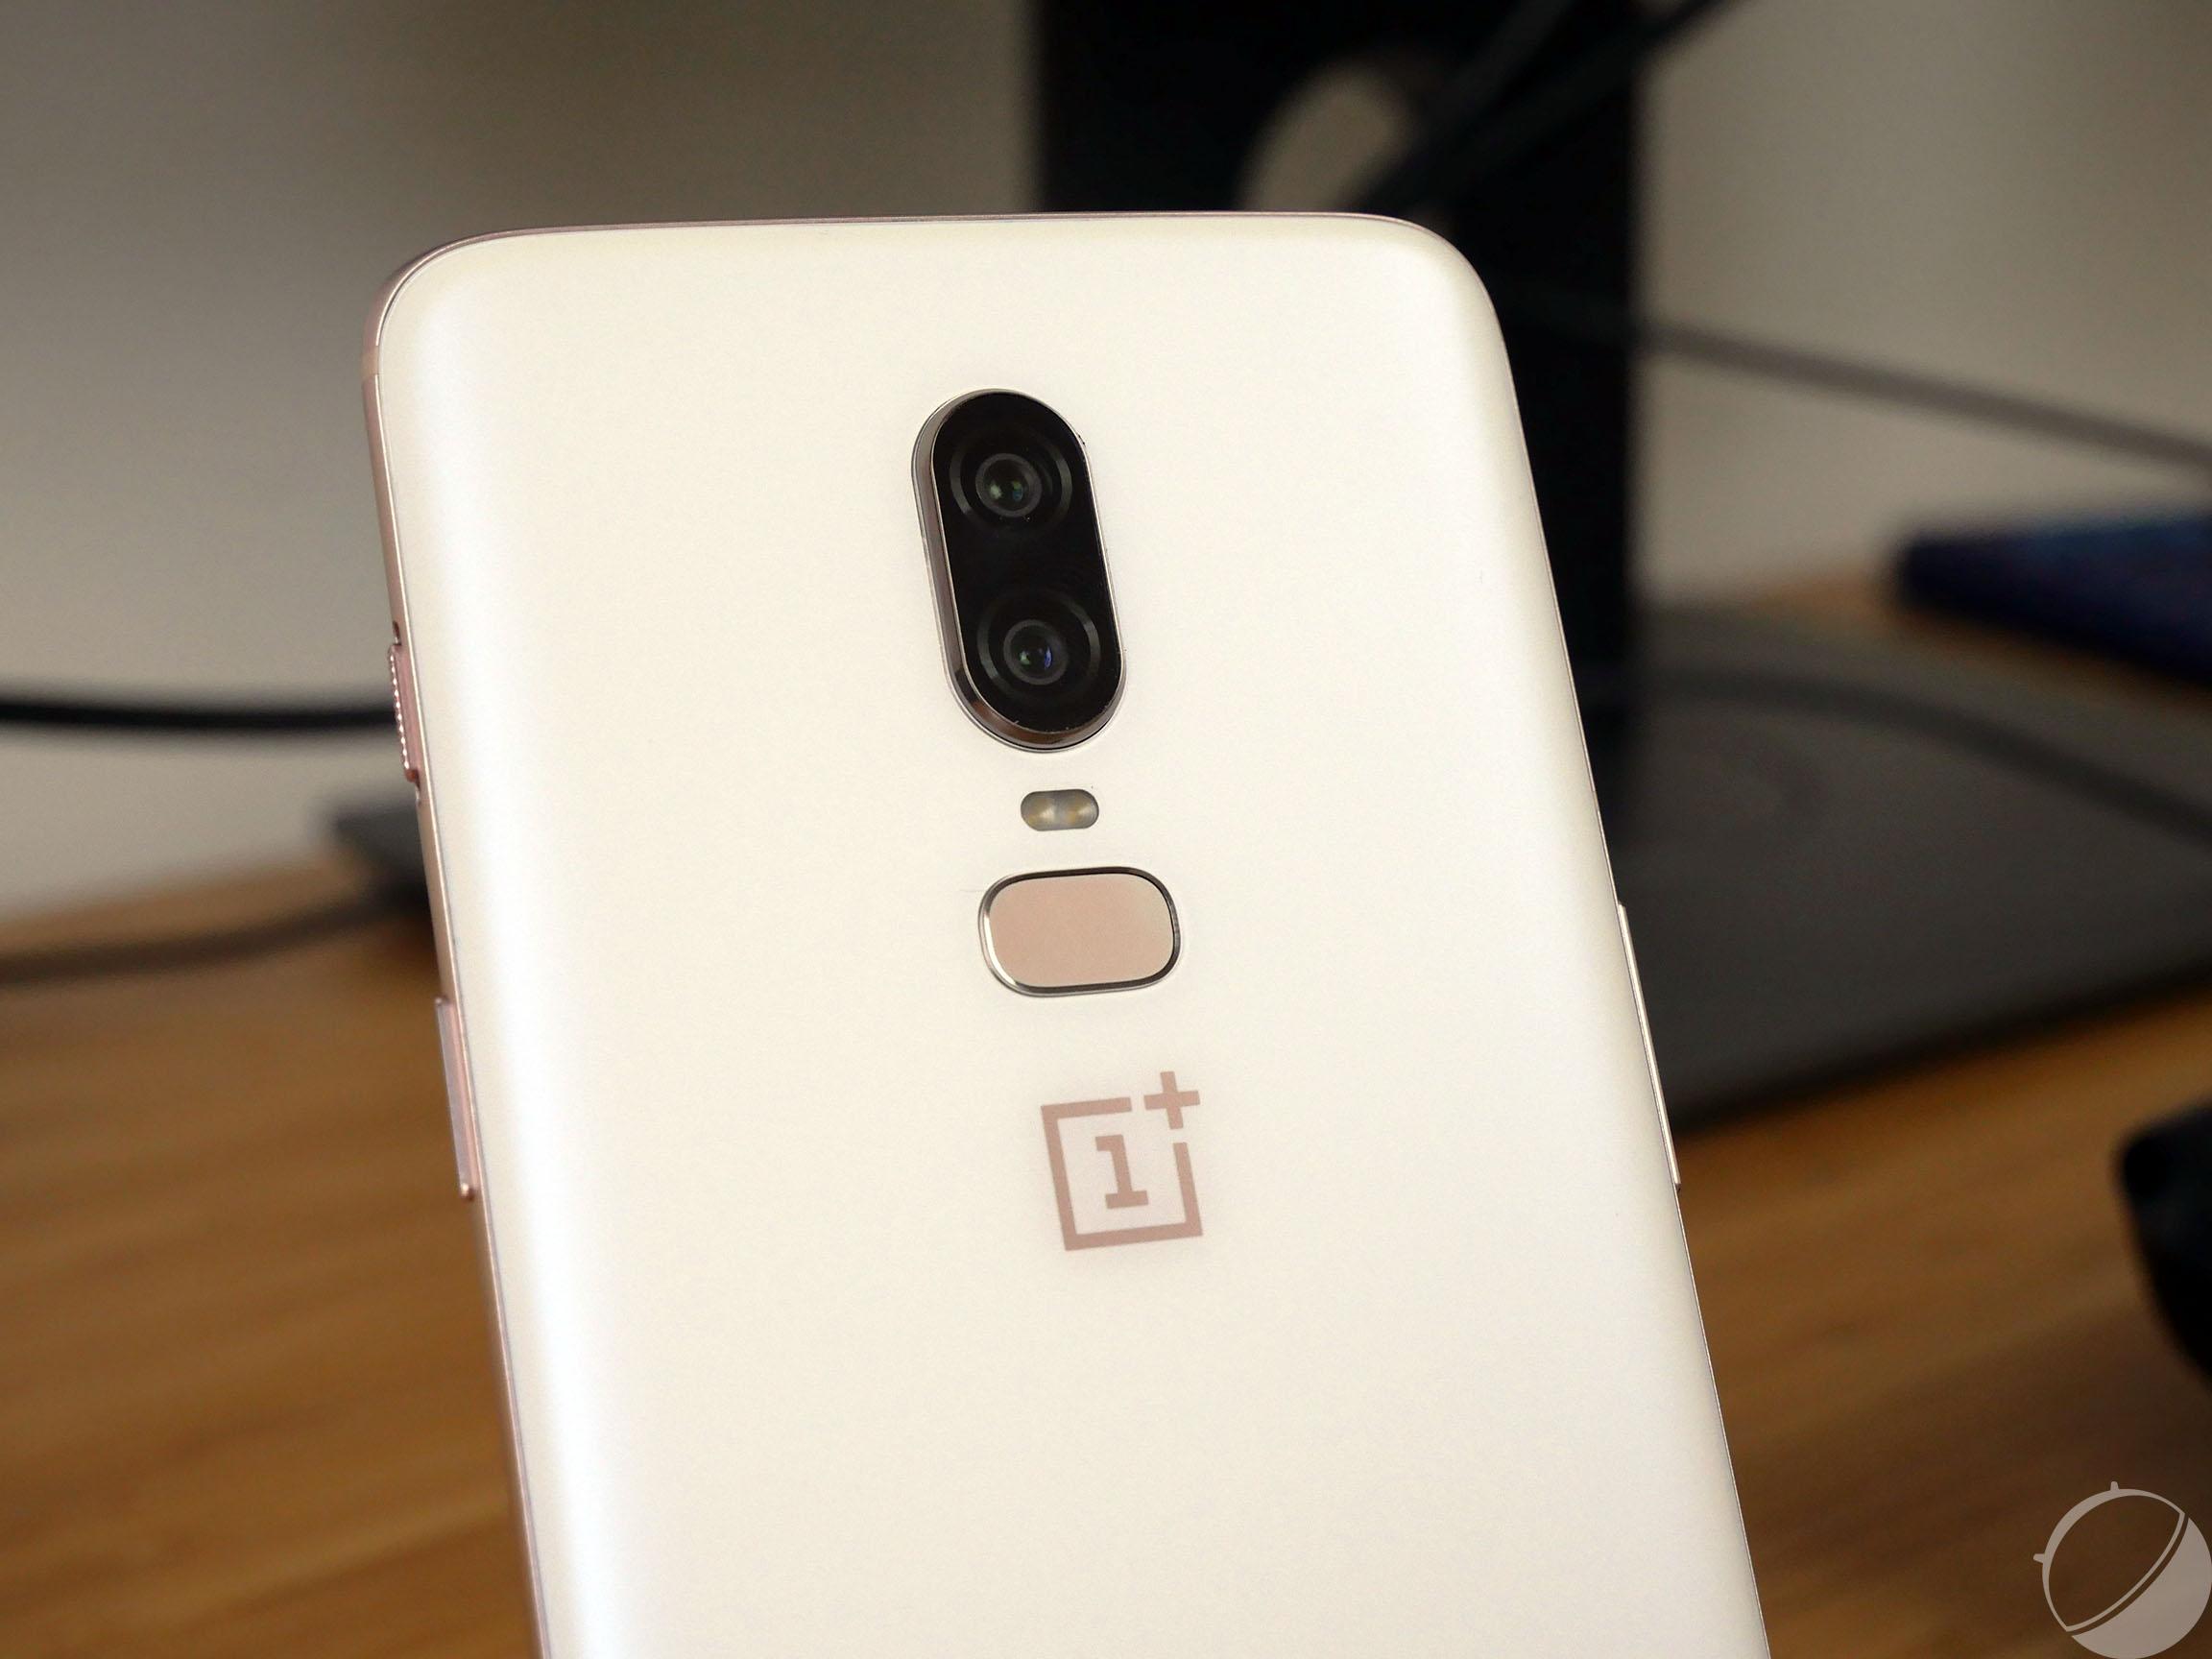 OnePlus : la recharge sans fil est bien à l'étude, mais ce n'est pas pour tout de suite